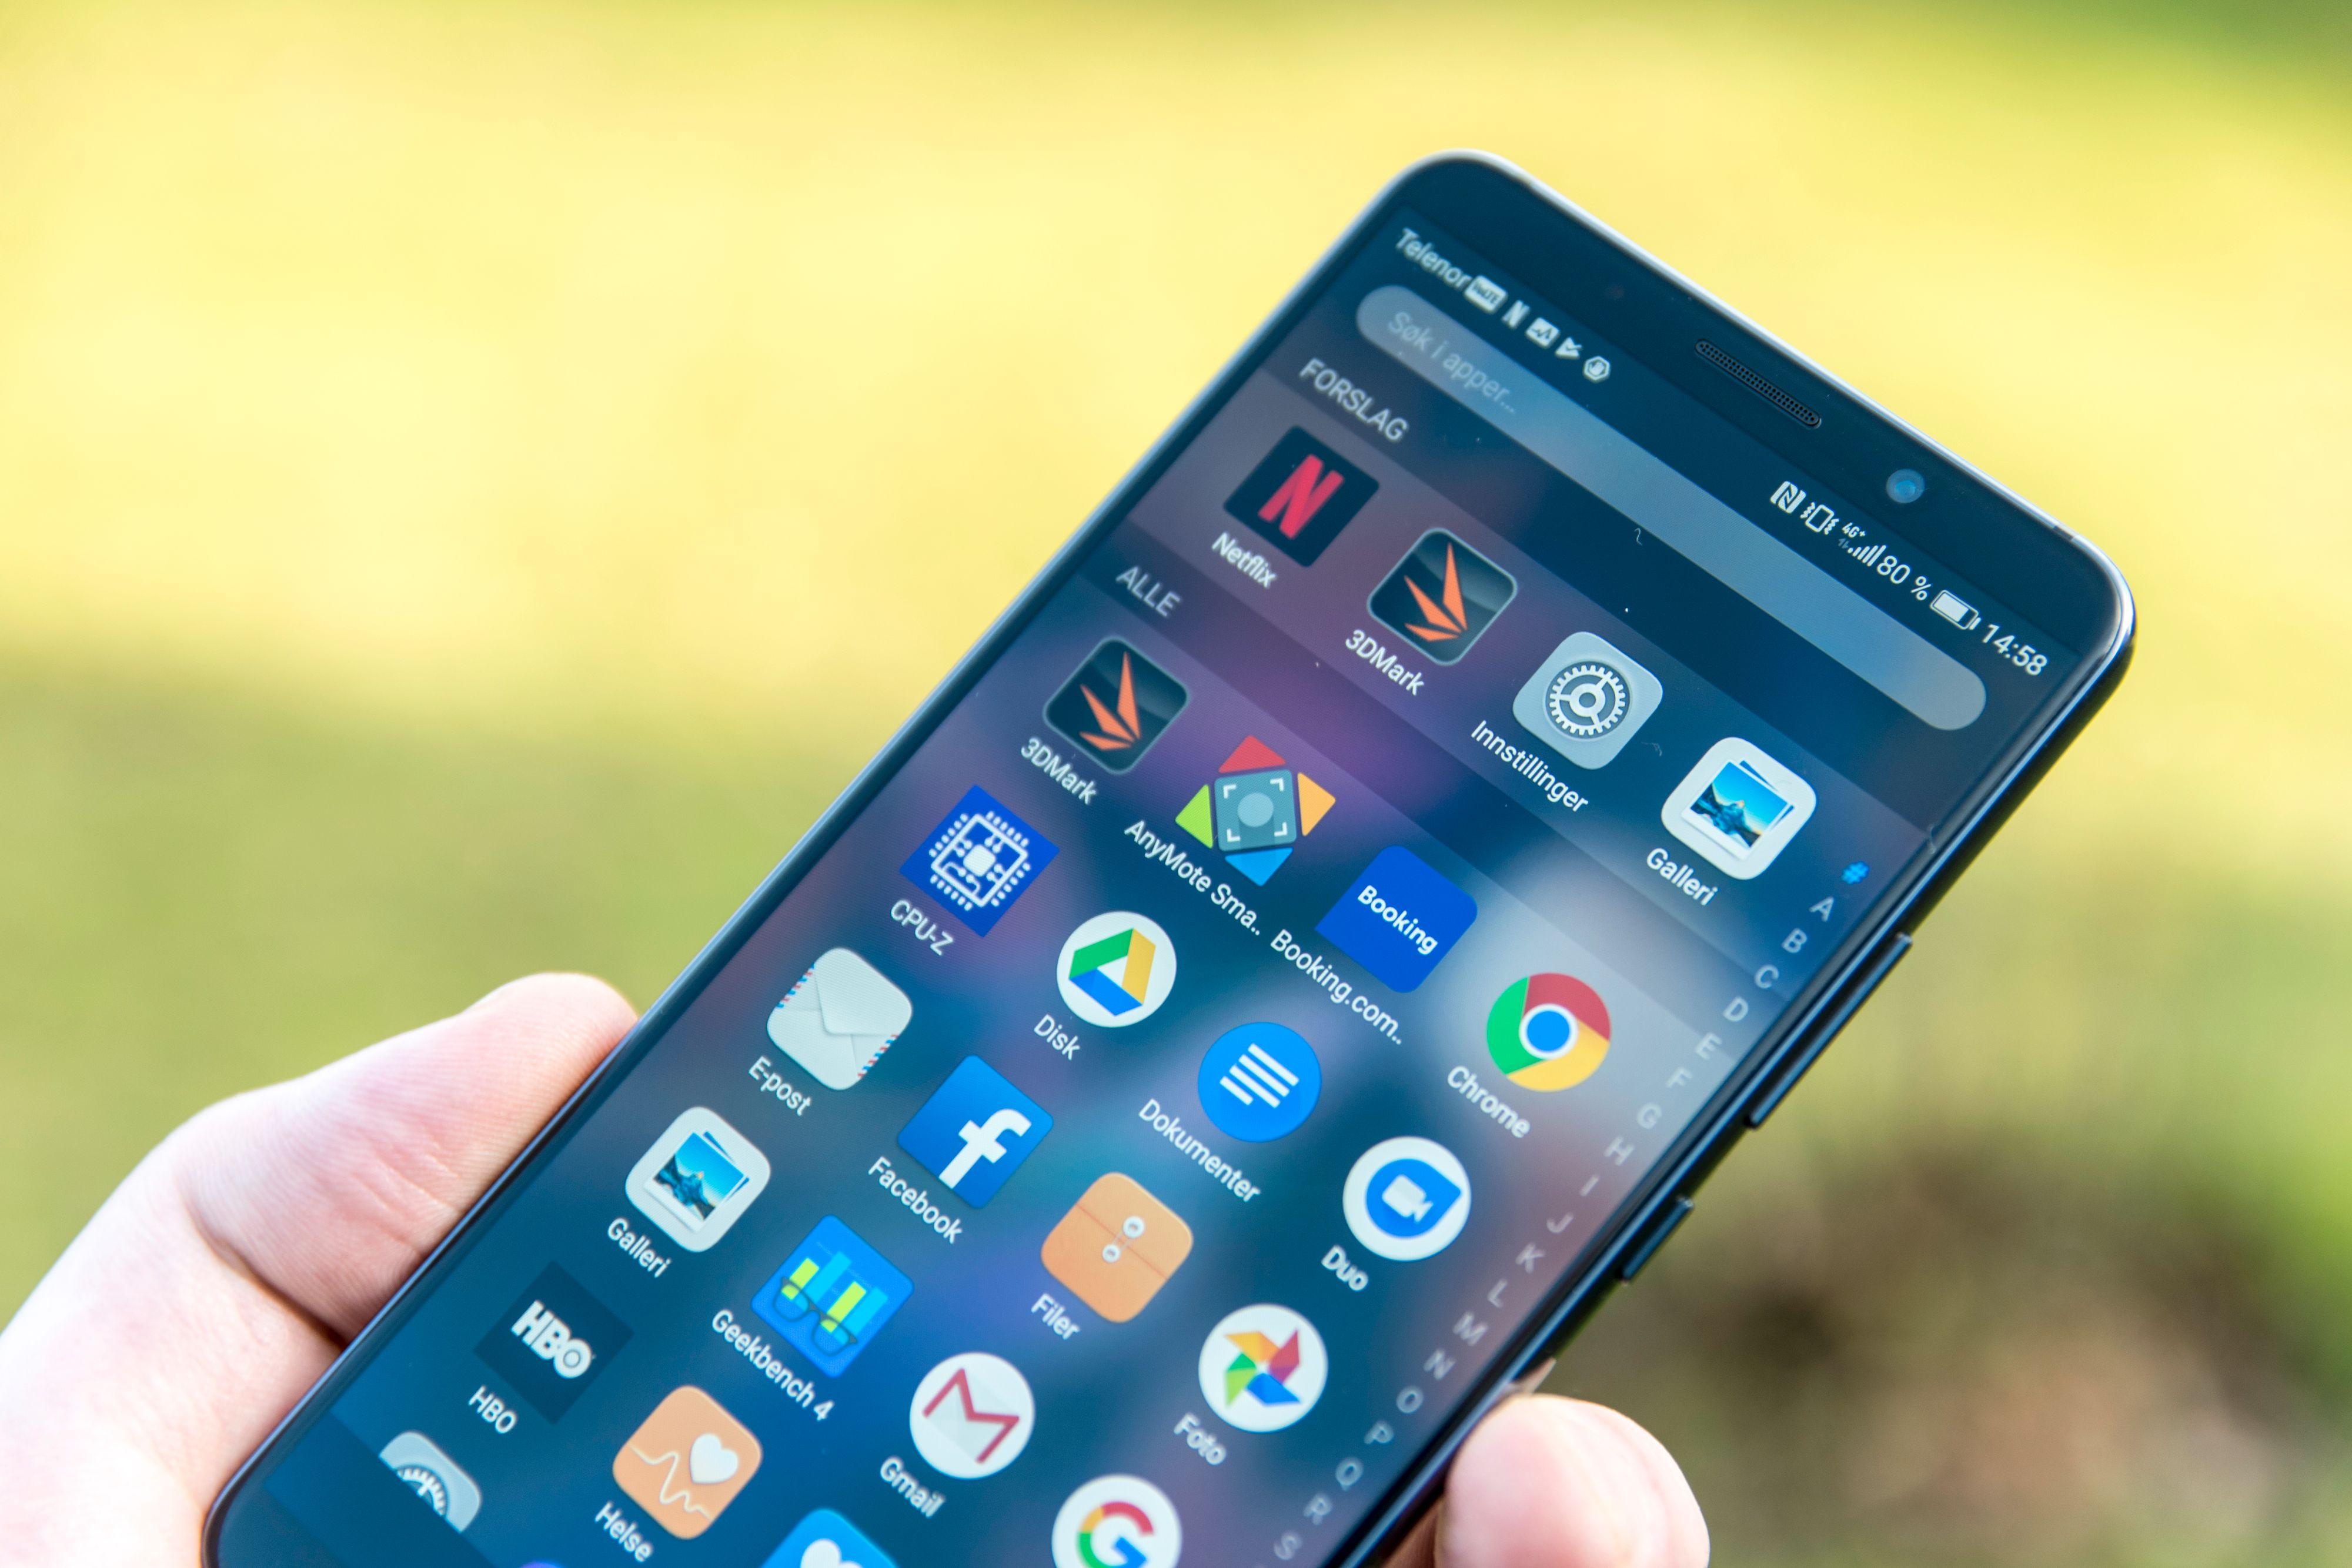 Også Huawei har vært forholdsvis kjappe med nye modeller på ny plattform. Mate 10 Pro dukket opp en måned etter XZ1. Men Mate 10 Lite kjører fortsatt Android 7. Bilde: Finn Jarle Kvalheim, Tek.no